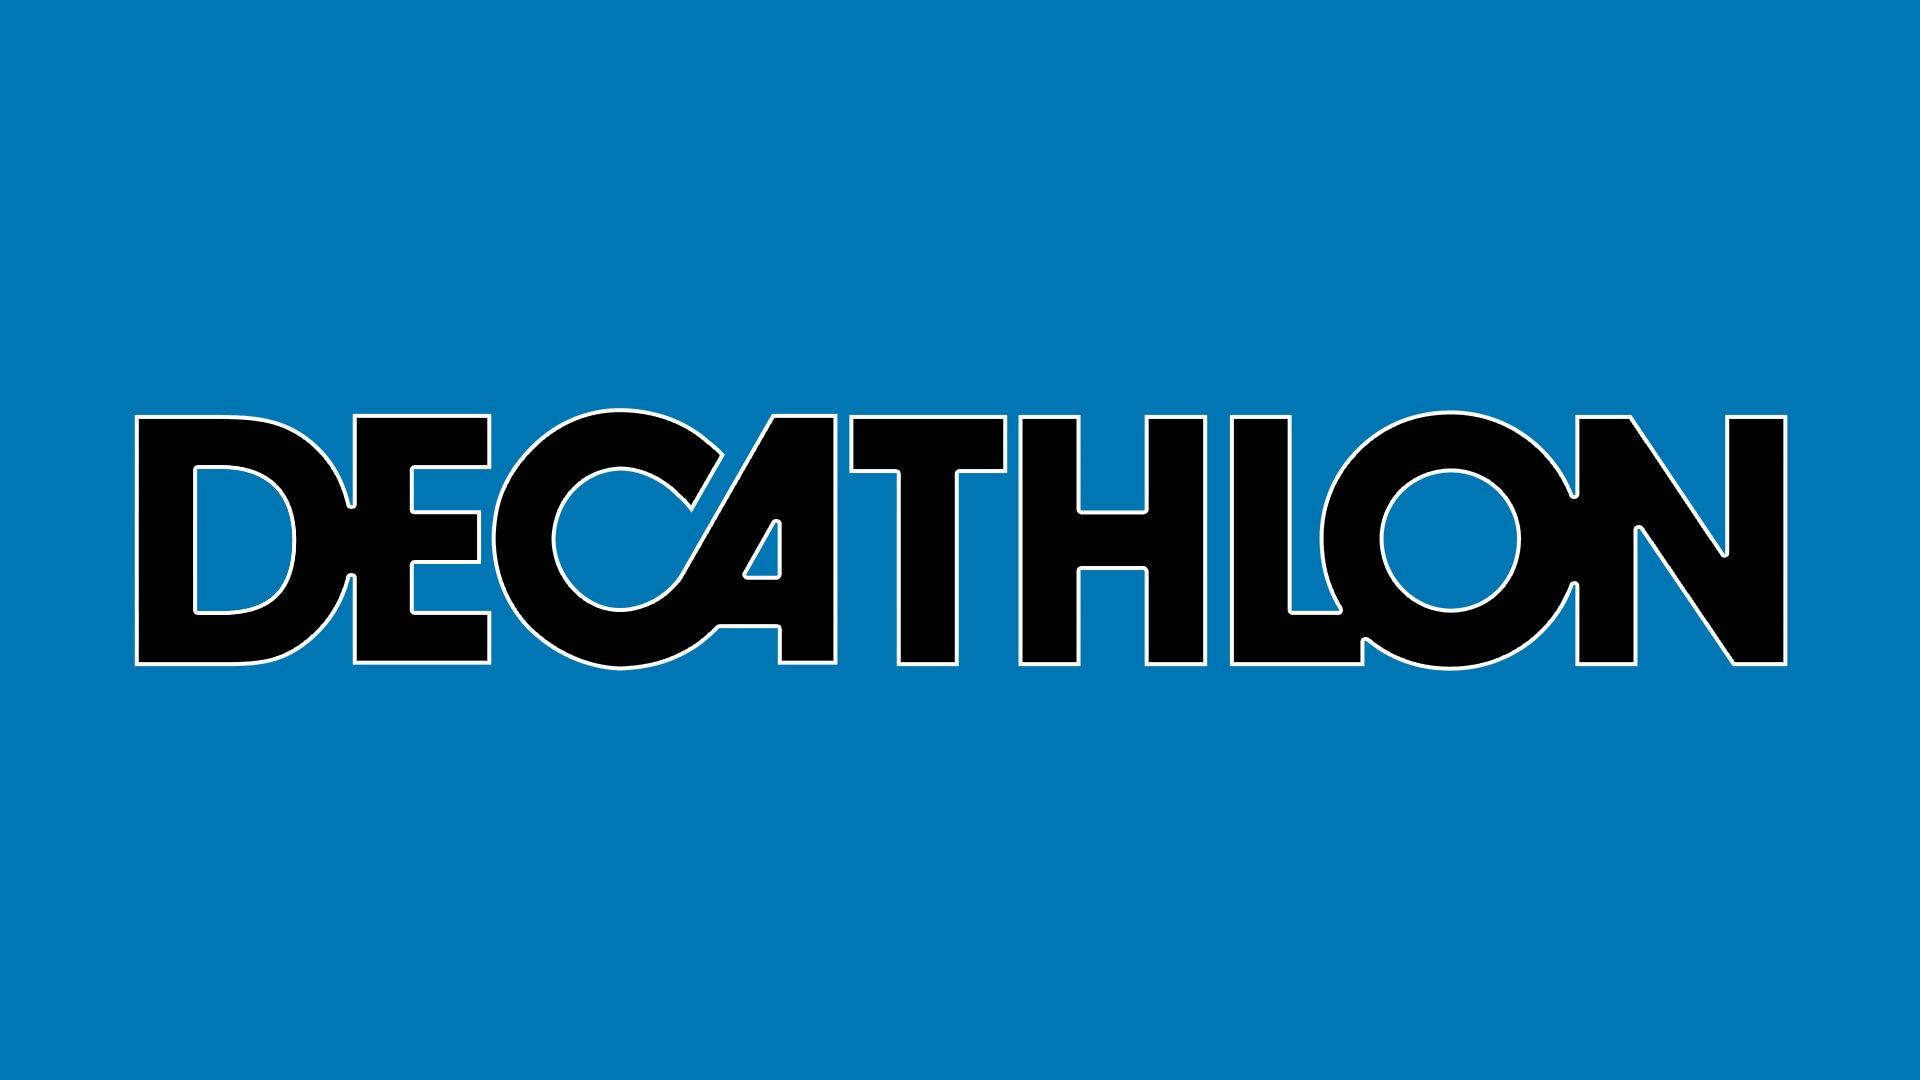 Logo Décathlon, histoire, image de symbole et emblème